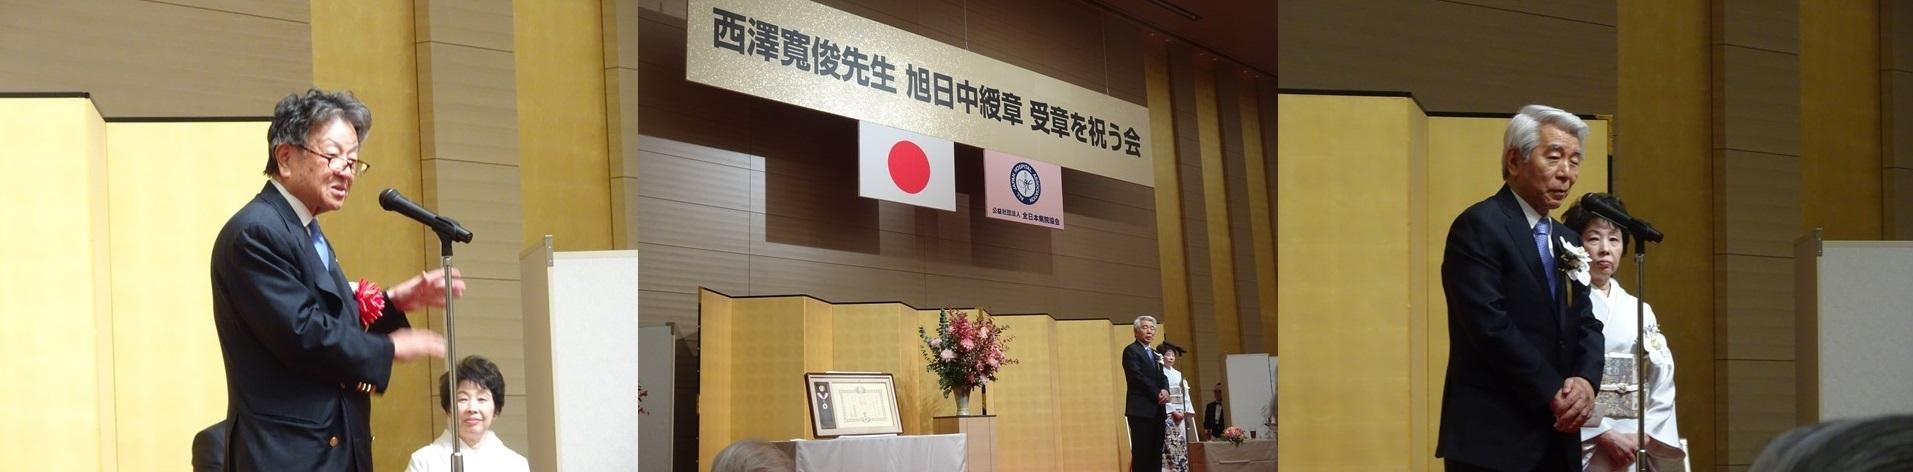 西澤寛俊先生の旭日中綬章受章を祝う_b0115629_22075473.jpg